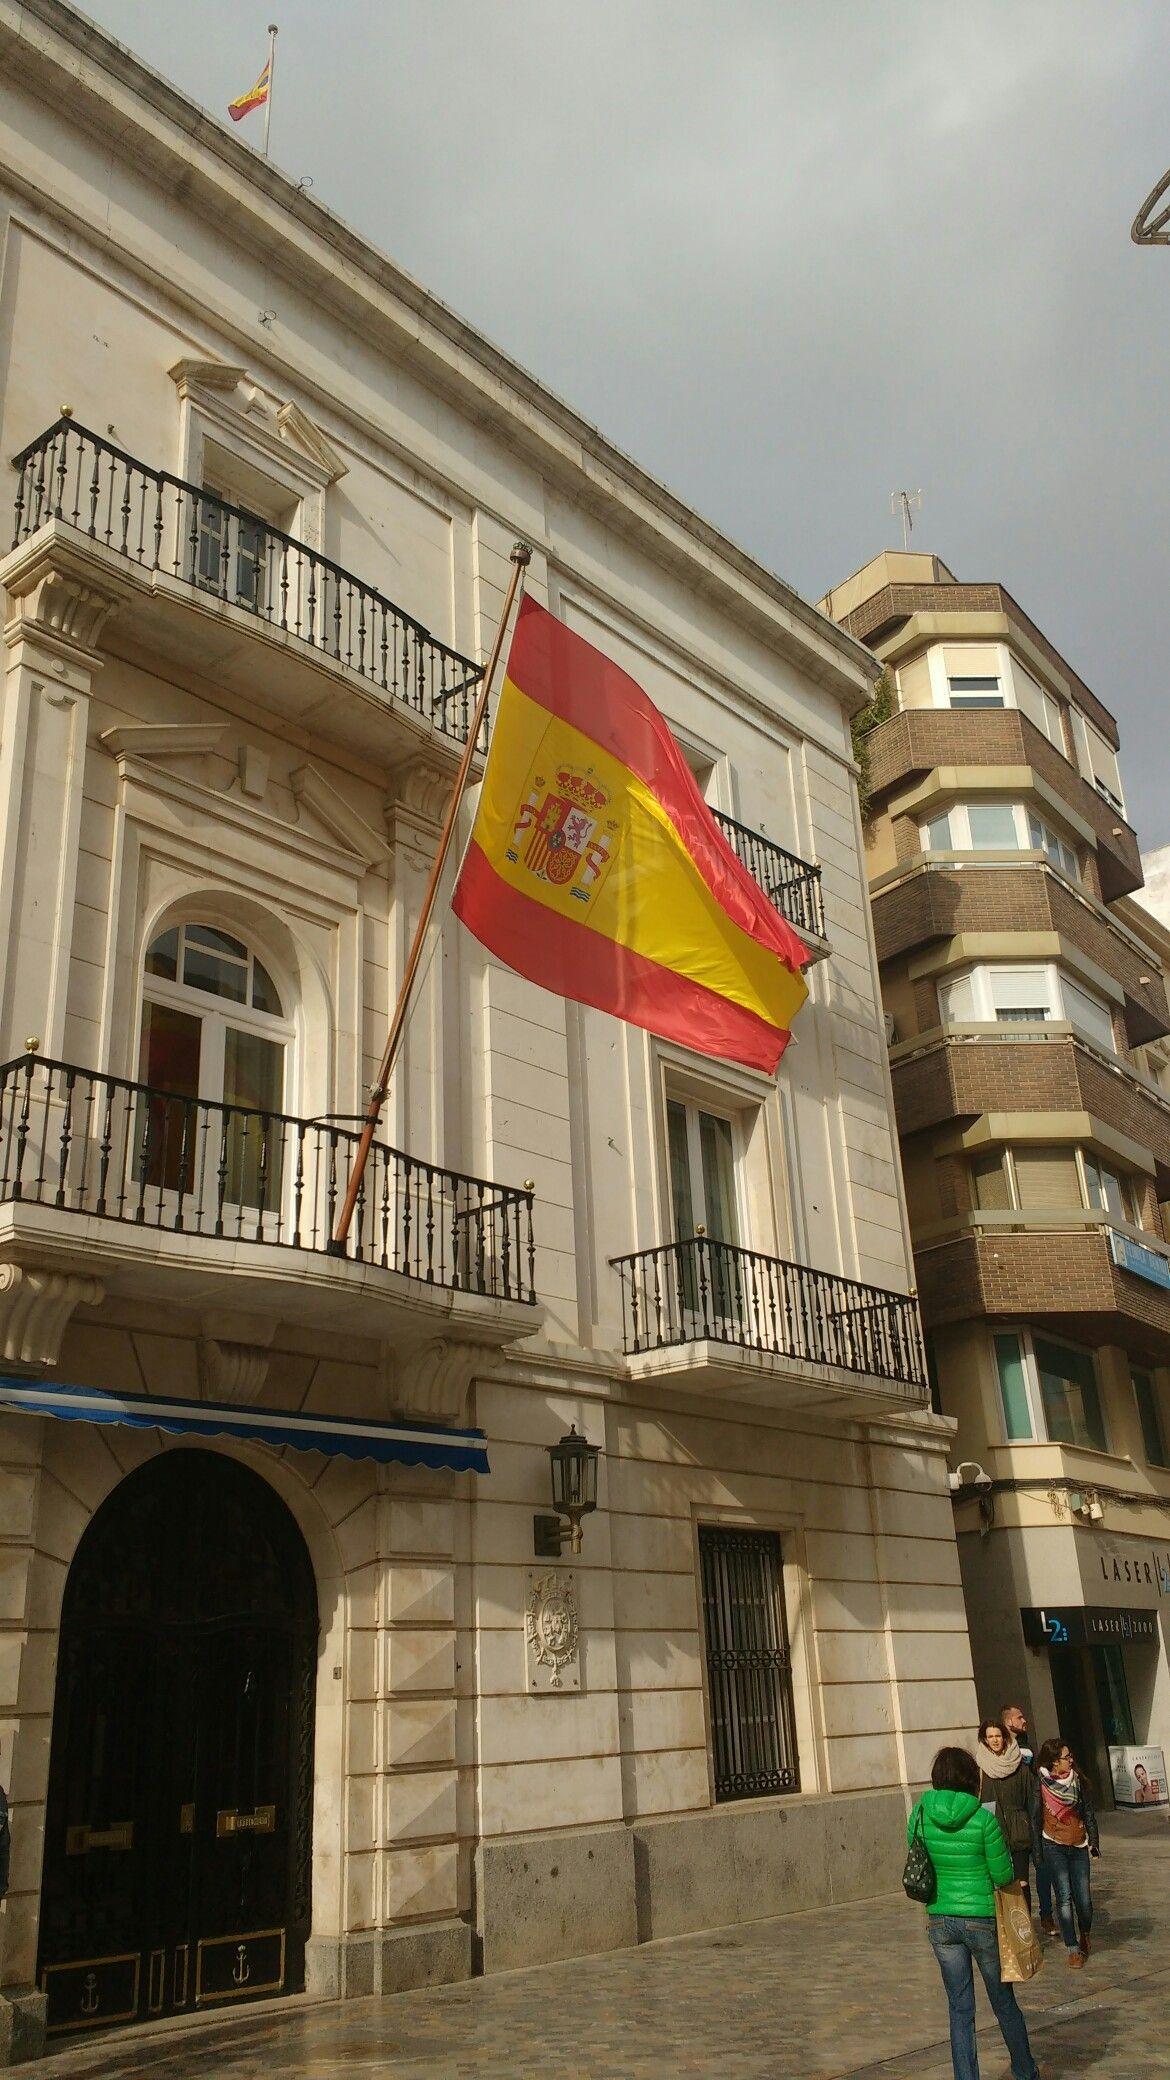 Esta foto sirviria para enseñar el patrimonio historico de la ciudad de Cartagena y su tradición militar.